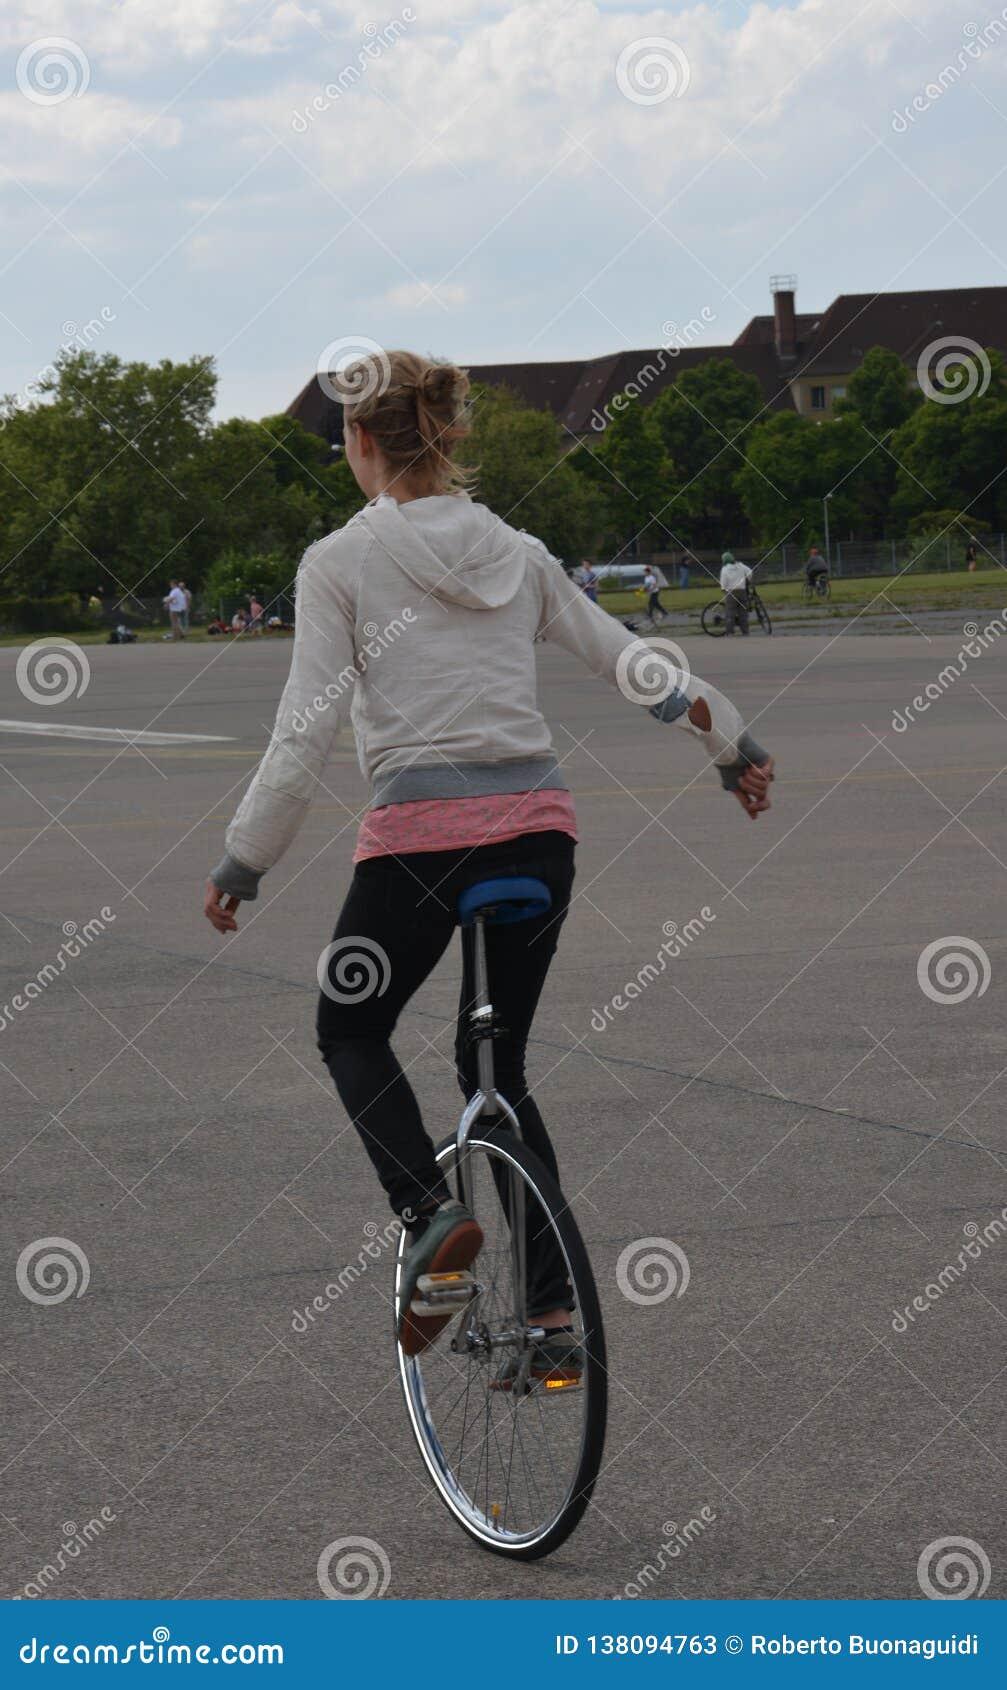 Een jong meisje op fiets met slechts één wiel